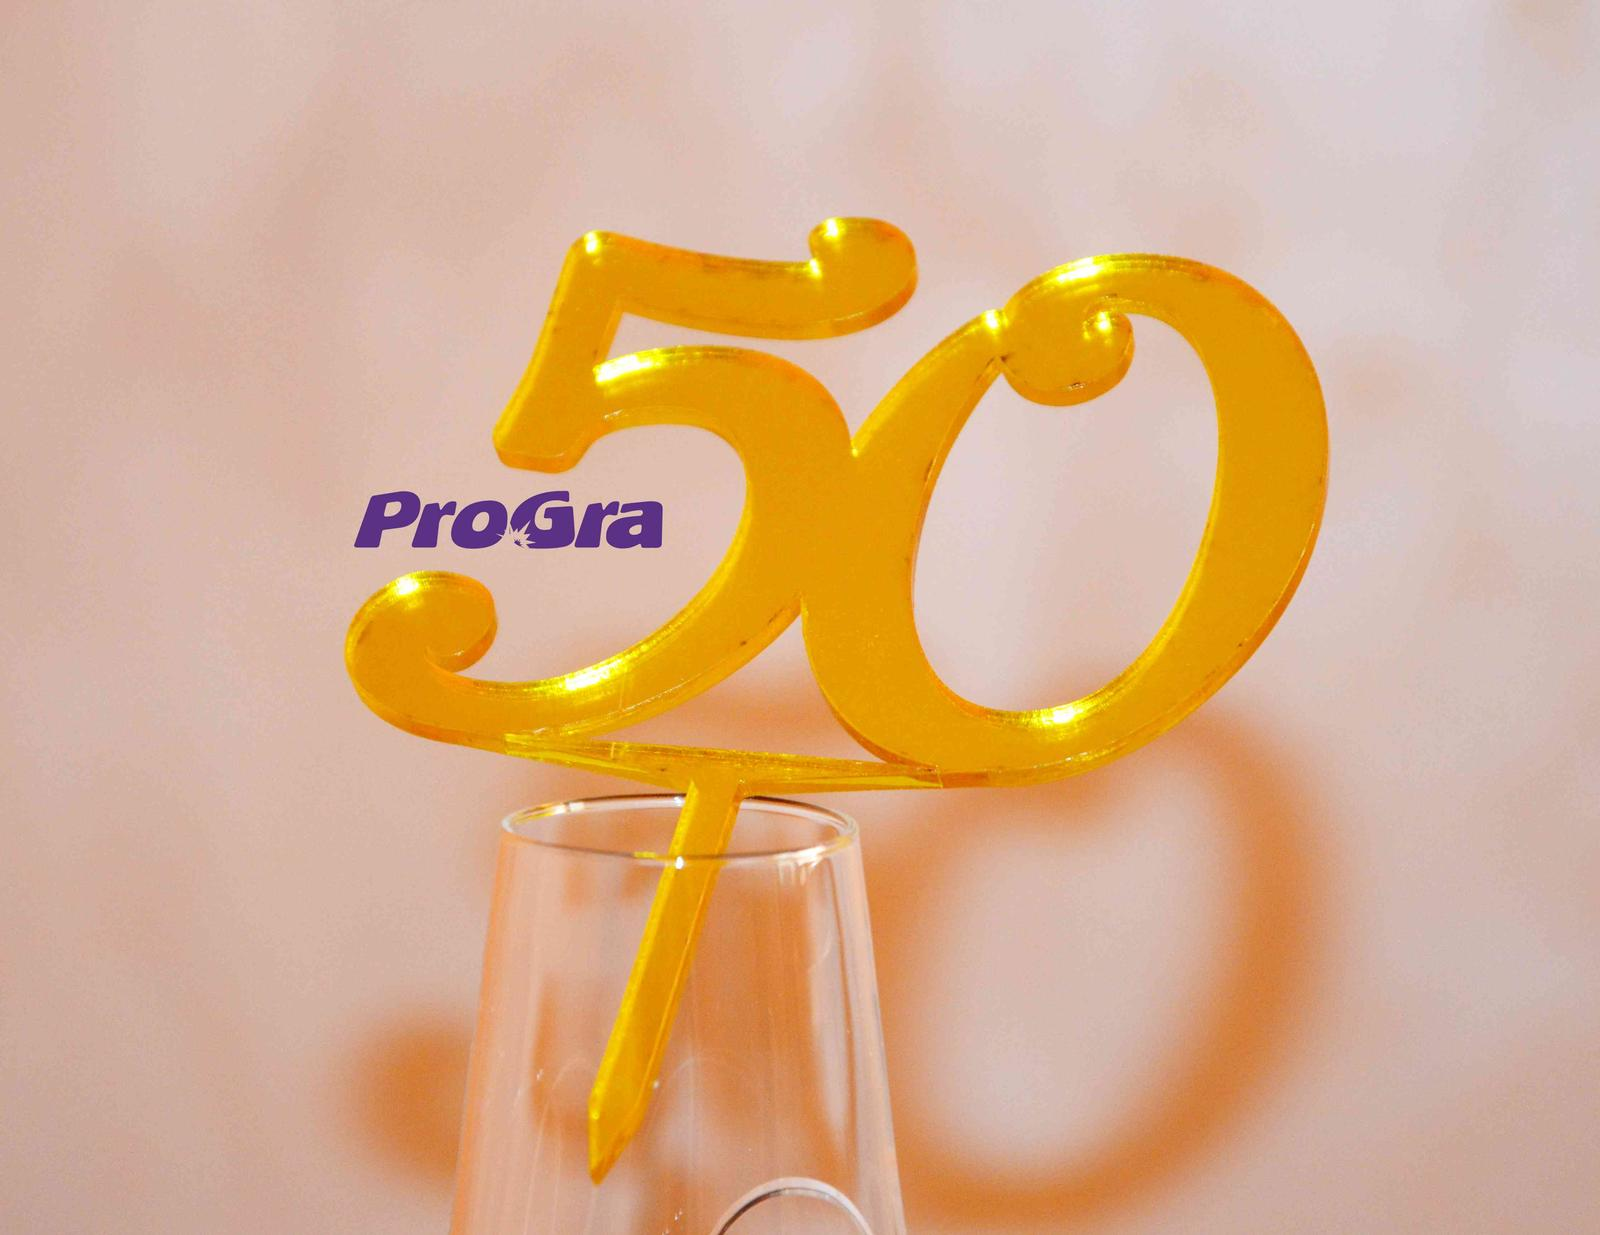 Po svadbičke - Oslavujete výročie svadby alebo jubileum? Radi pre Vás vyrobíme tento žltý zrkadlový zápich z plastu s číslom.